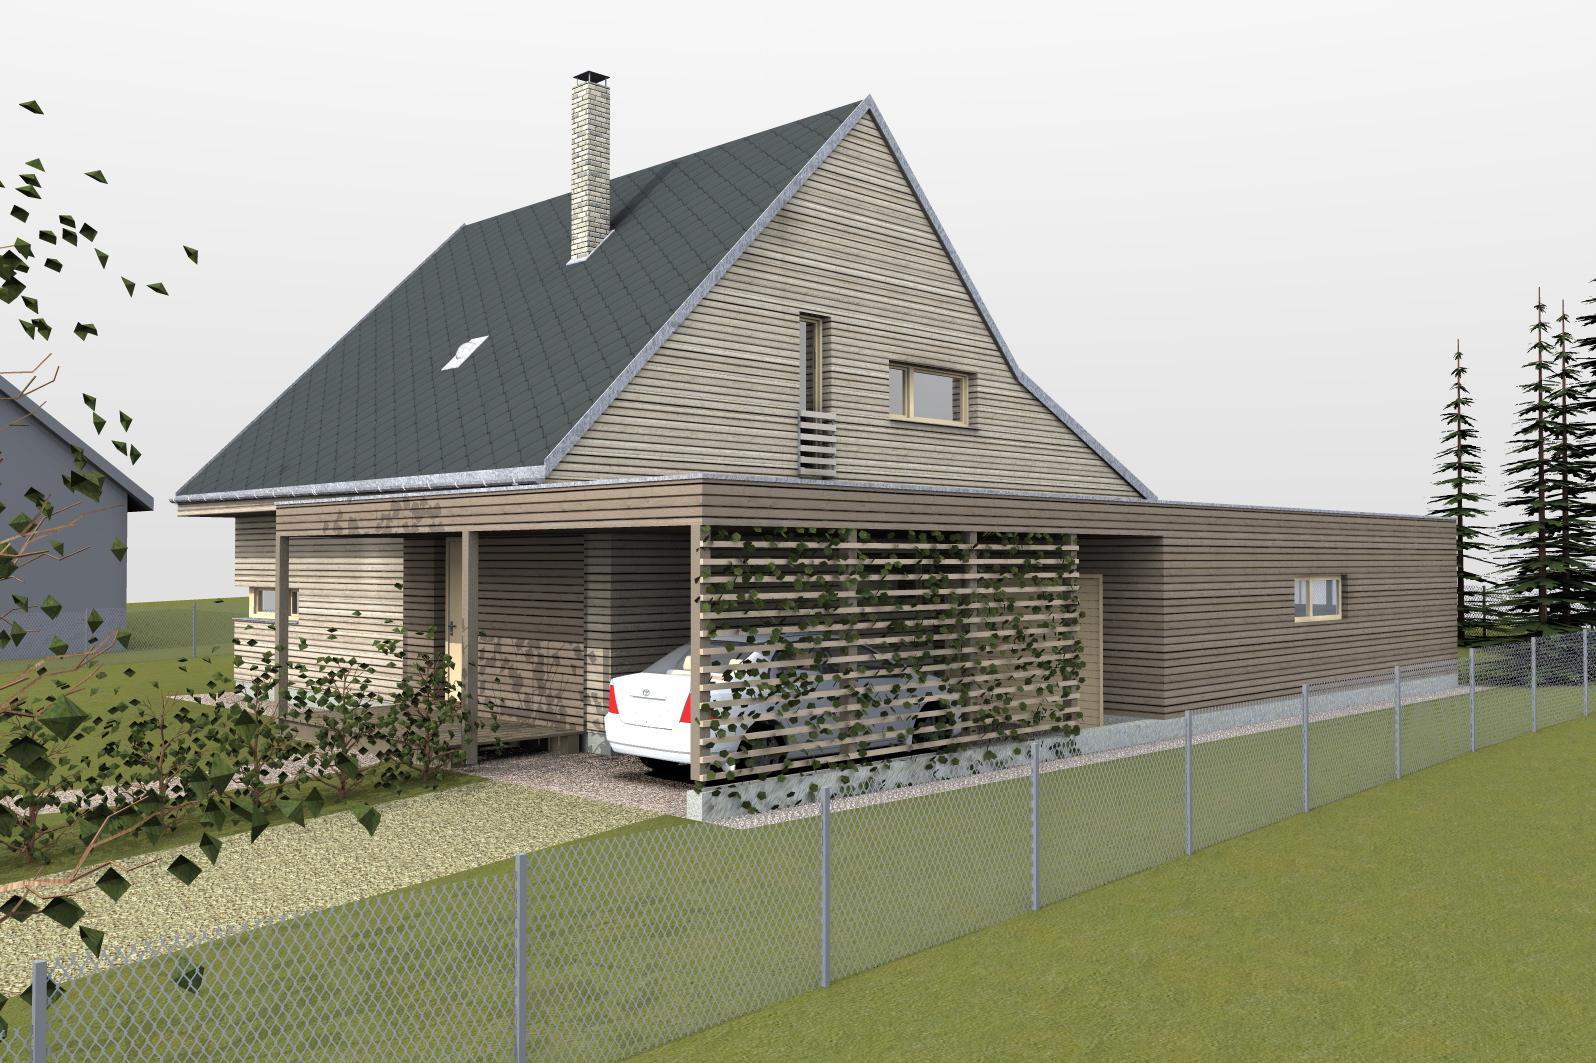 Náš nový domov - pasivní dřevostavba